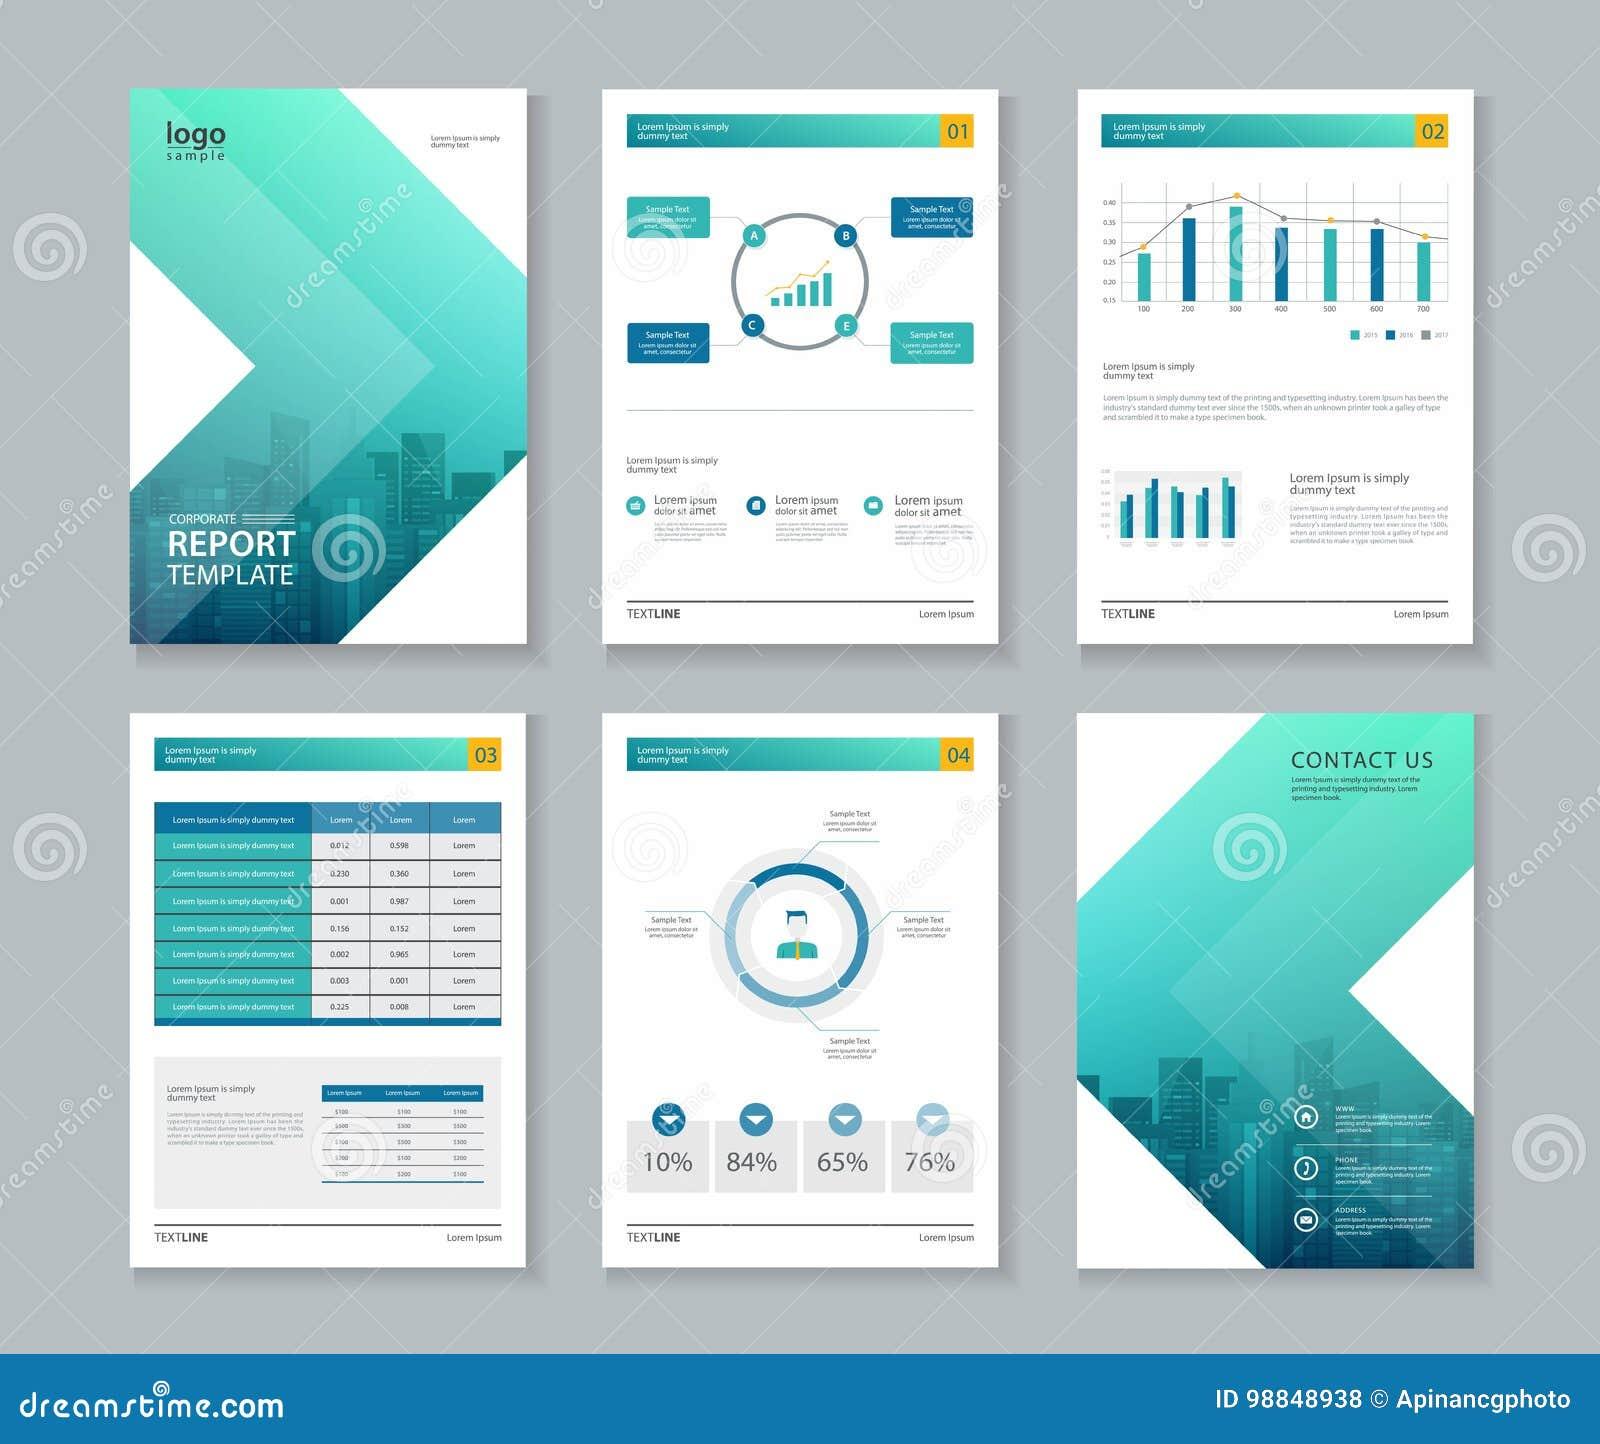 Template Design For Company Profile , Annual Report